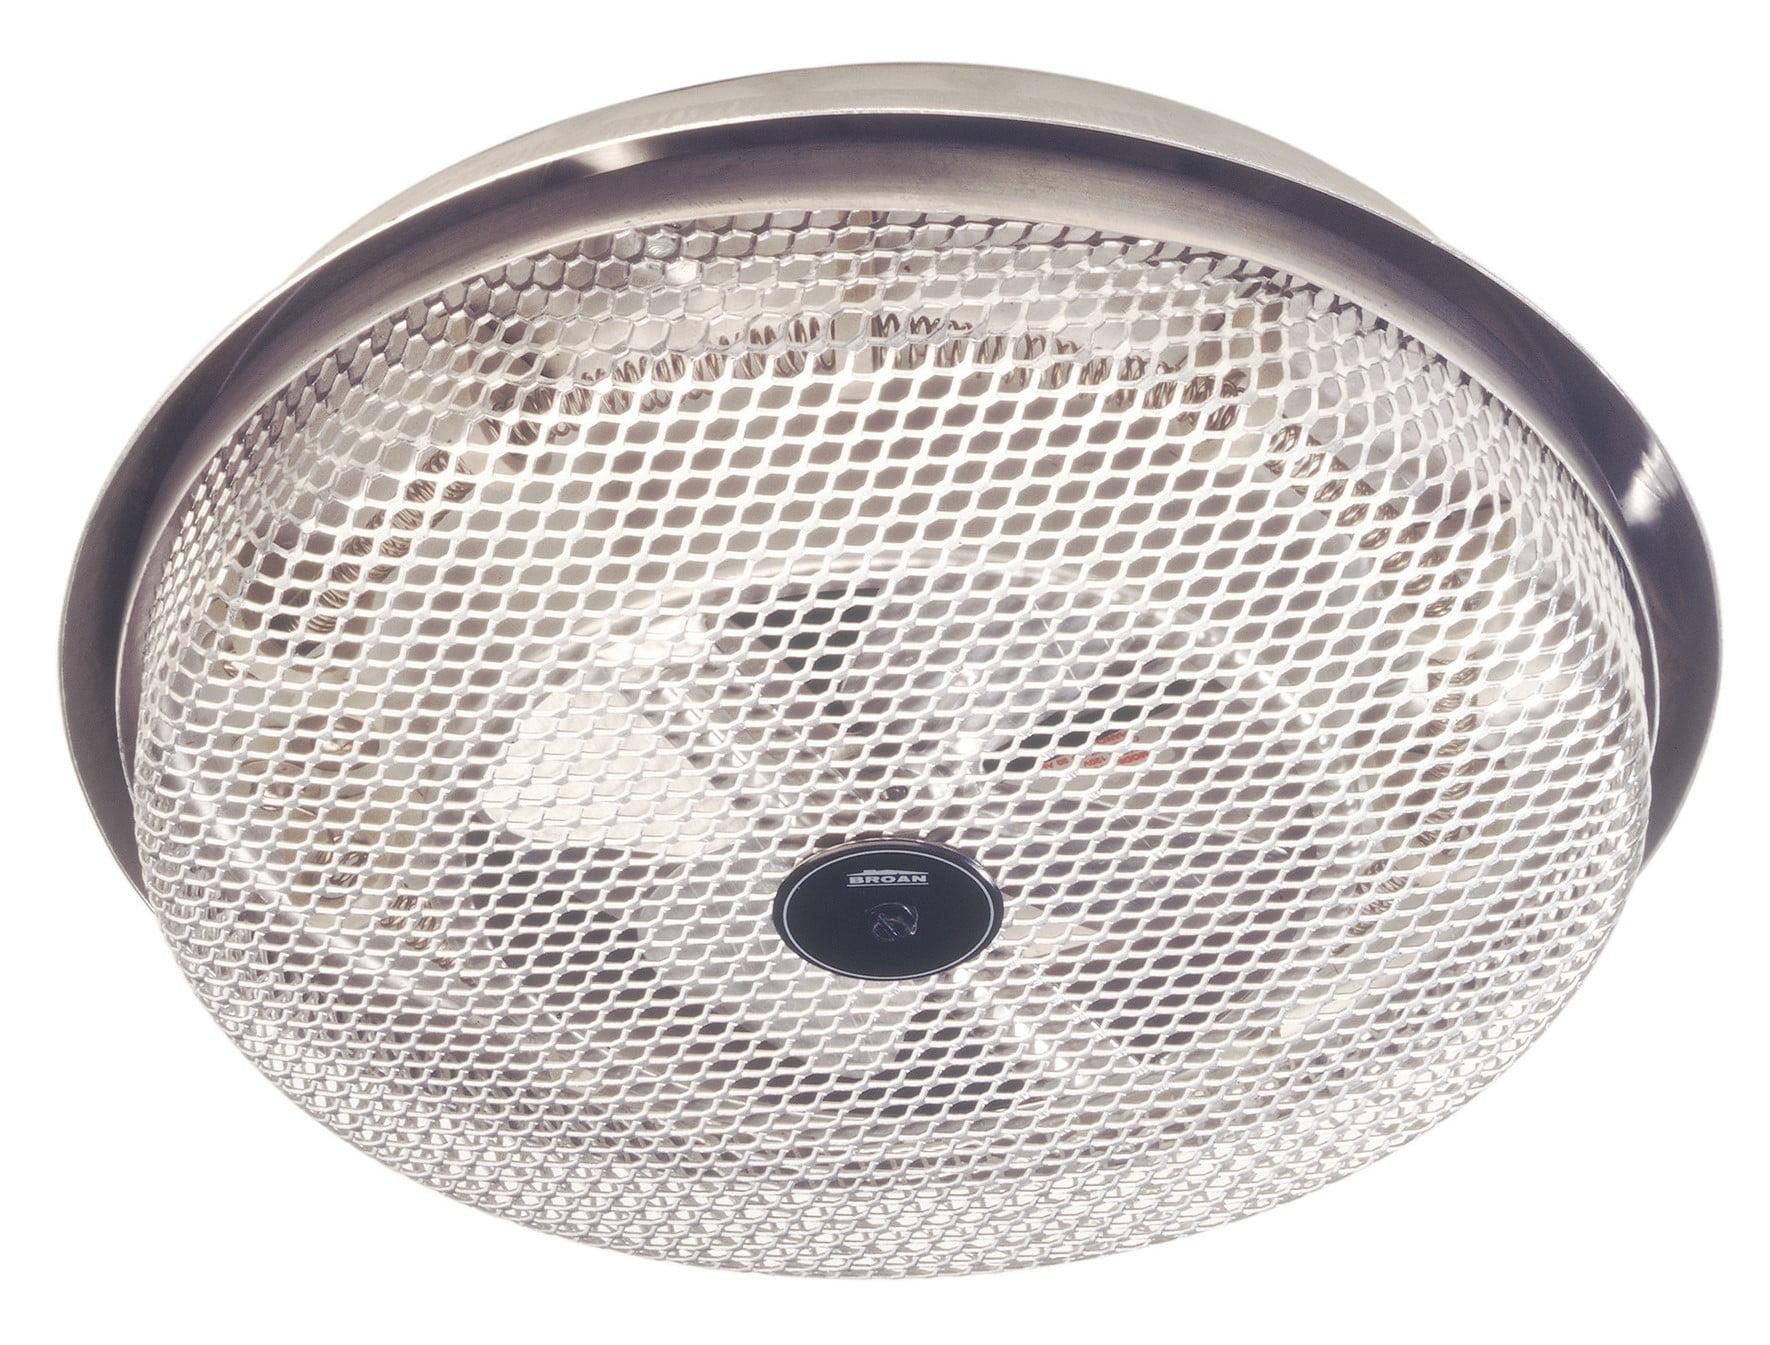 Broan-NuTone 157 1250W Radiant Fan-Forced Ceiling Heater